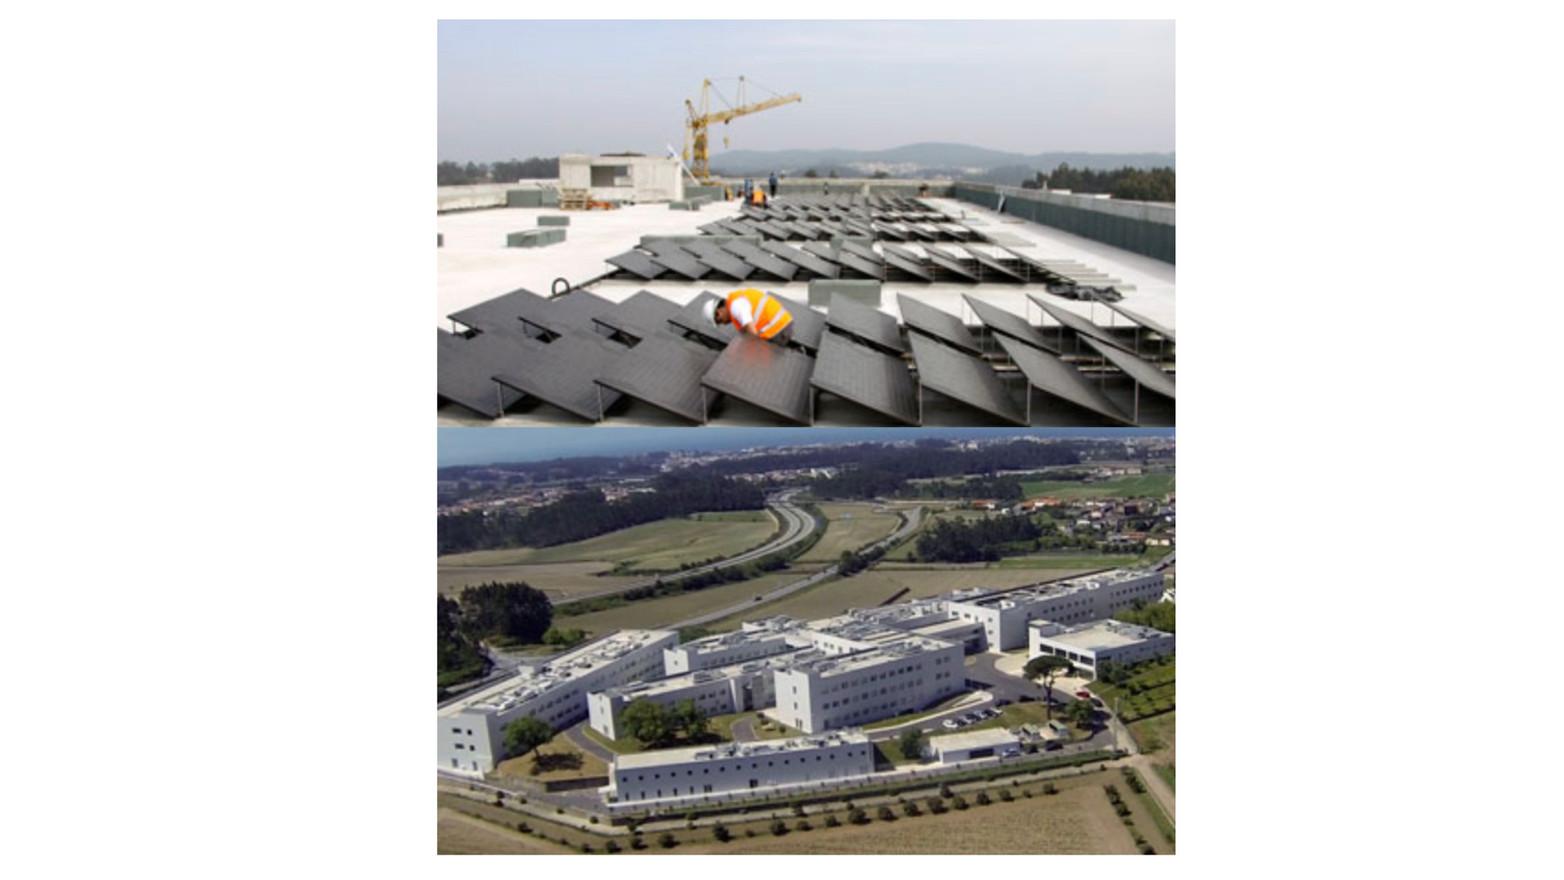 Energie SHW: Hospital (55,000 ltr / 14,500 gal)